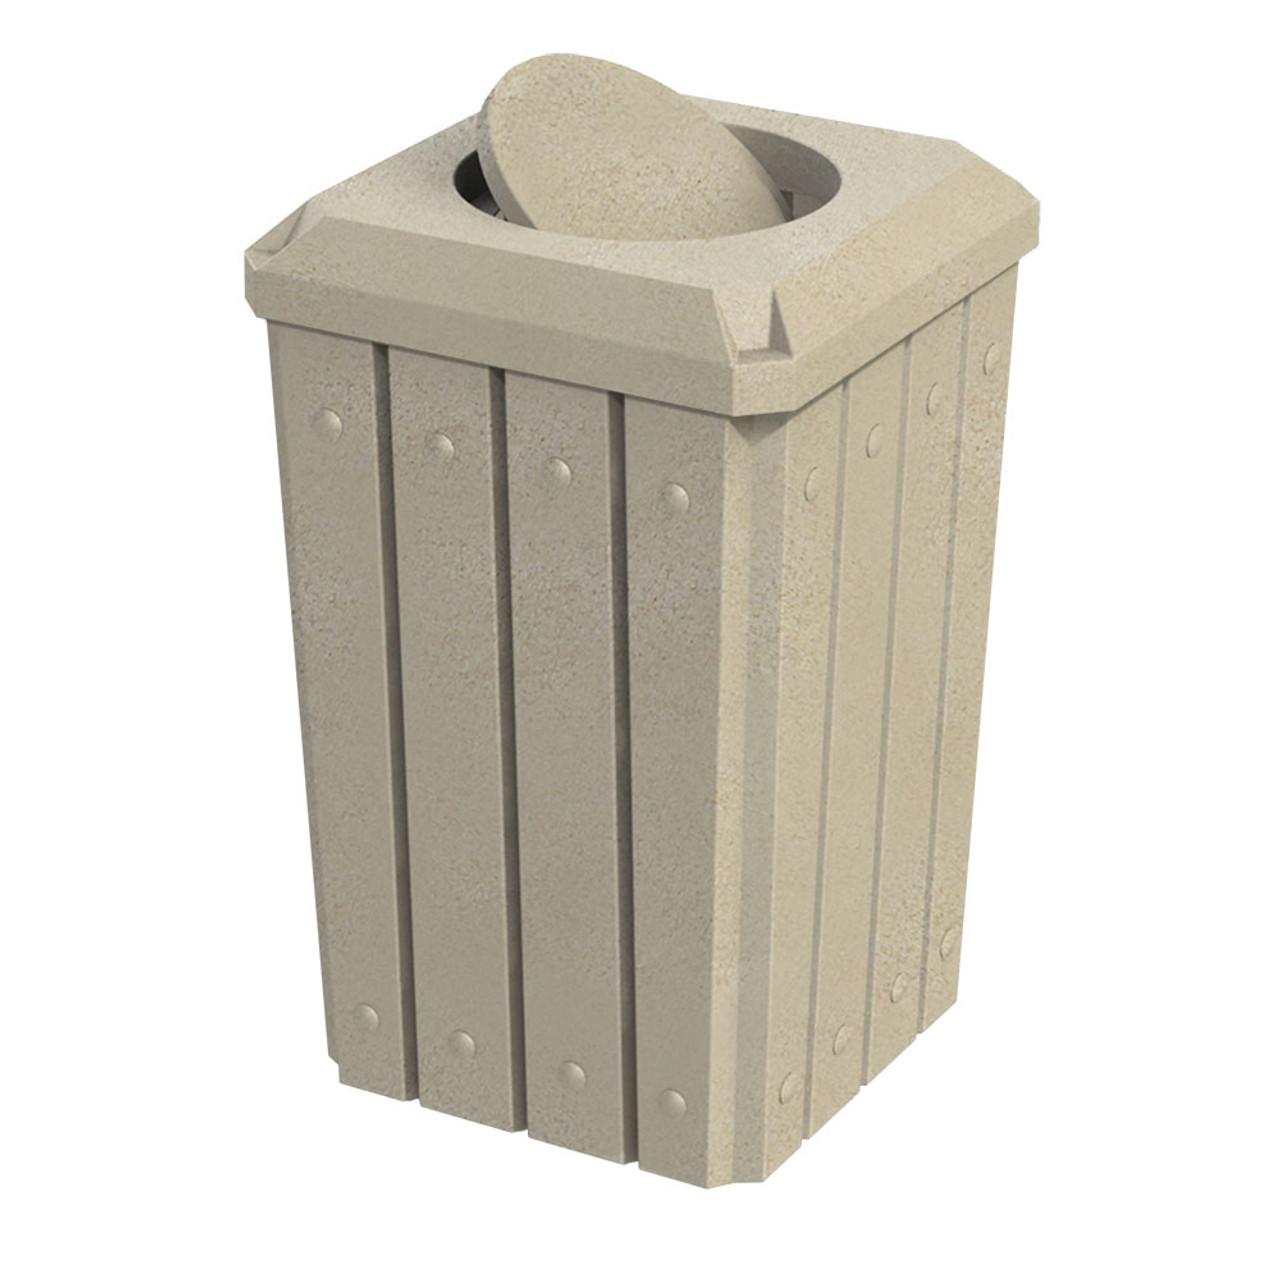 32 Gallon Kolor Can Heavy Duty Bug Barrier Trash Bin S8292A-04 BEIGE GRANITE